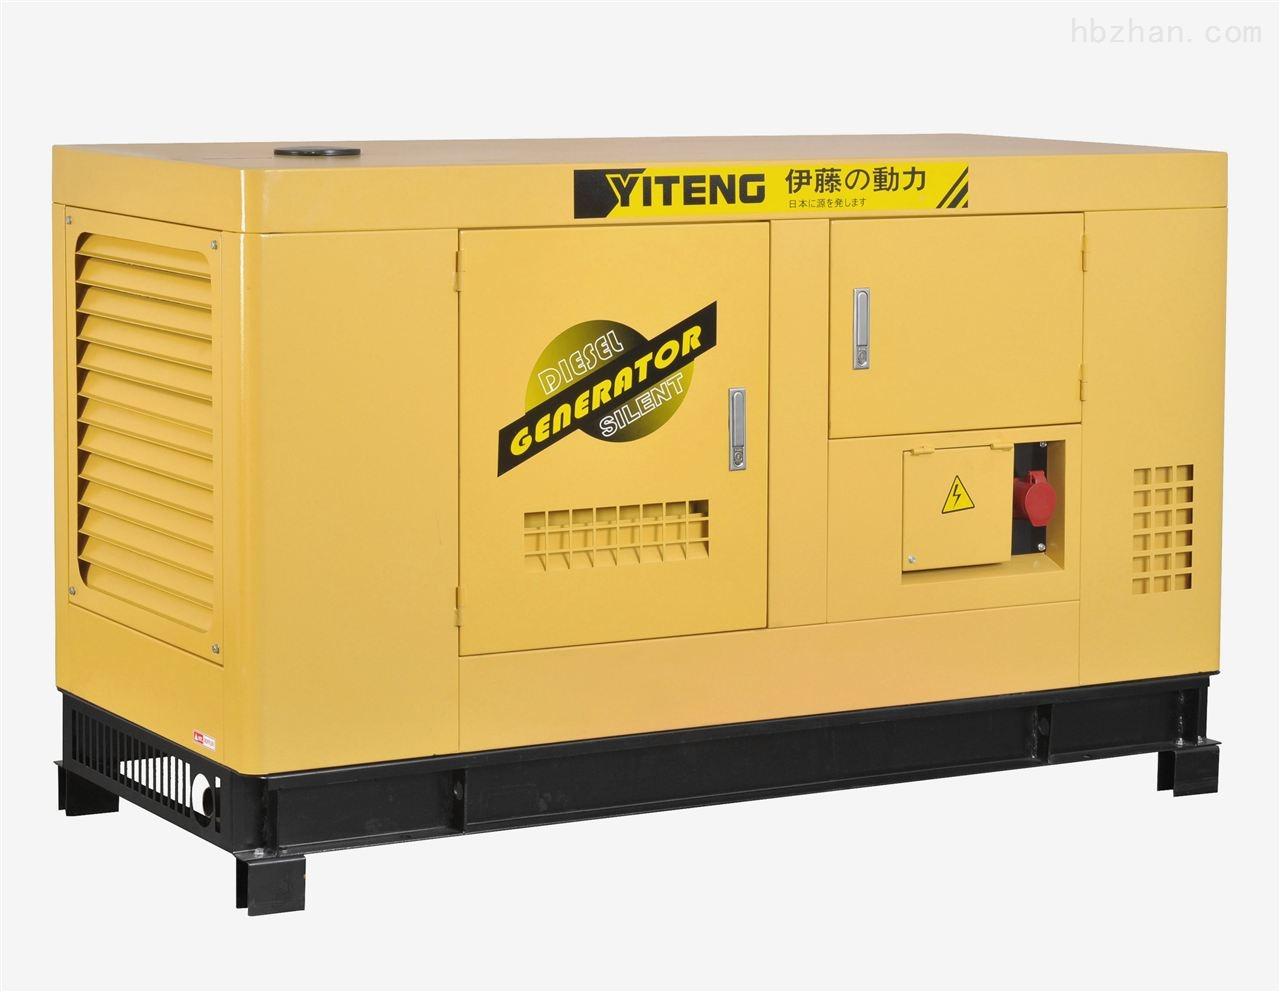 伊藤24千瓦静音柴油发电机